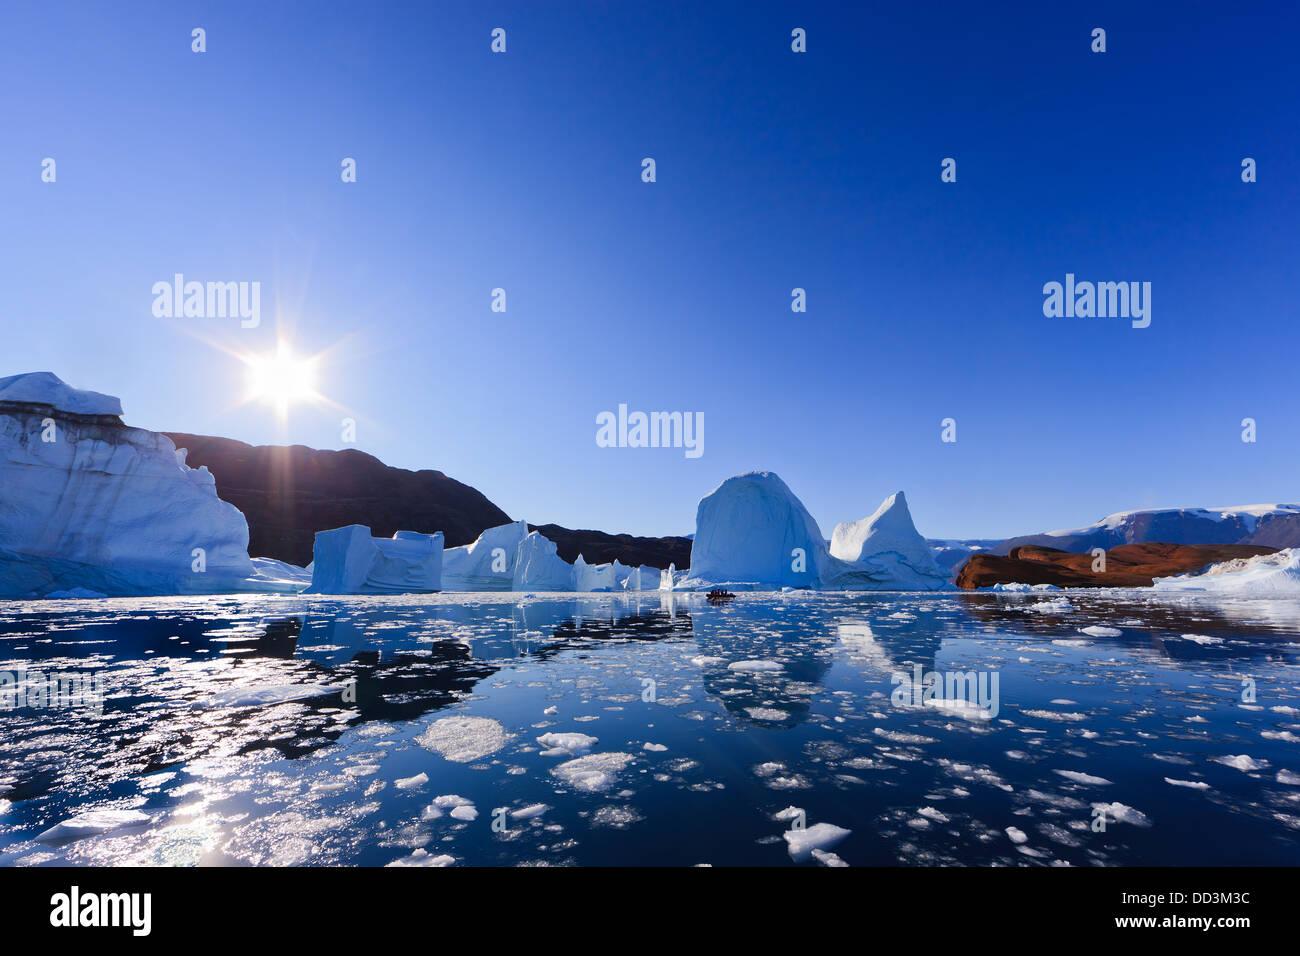 Les croisières entre les icebergs à Ø Røde, Scoresby Sund, Groenland Photo Stock